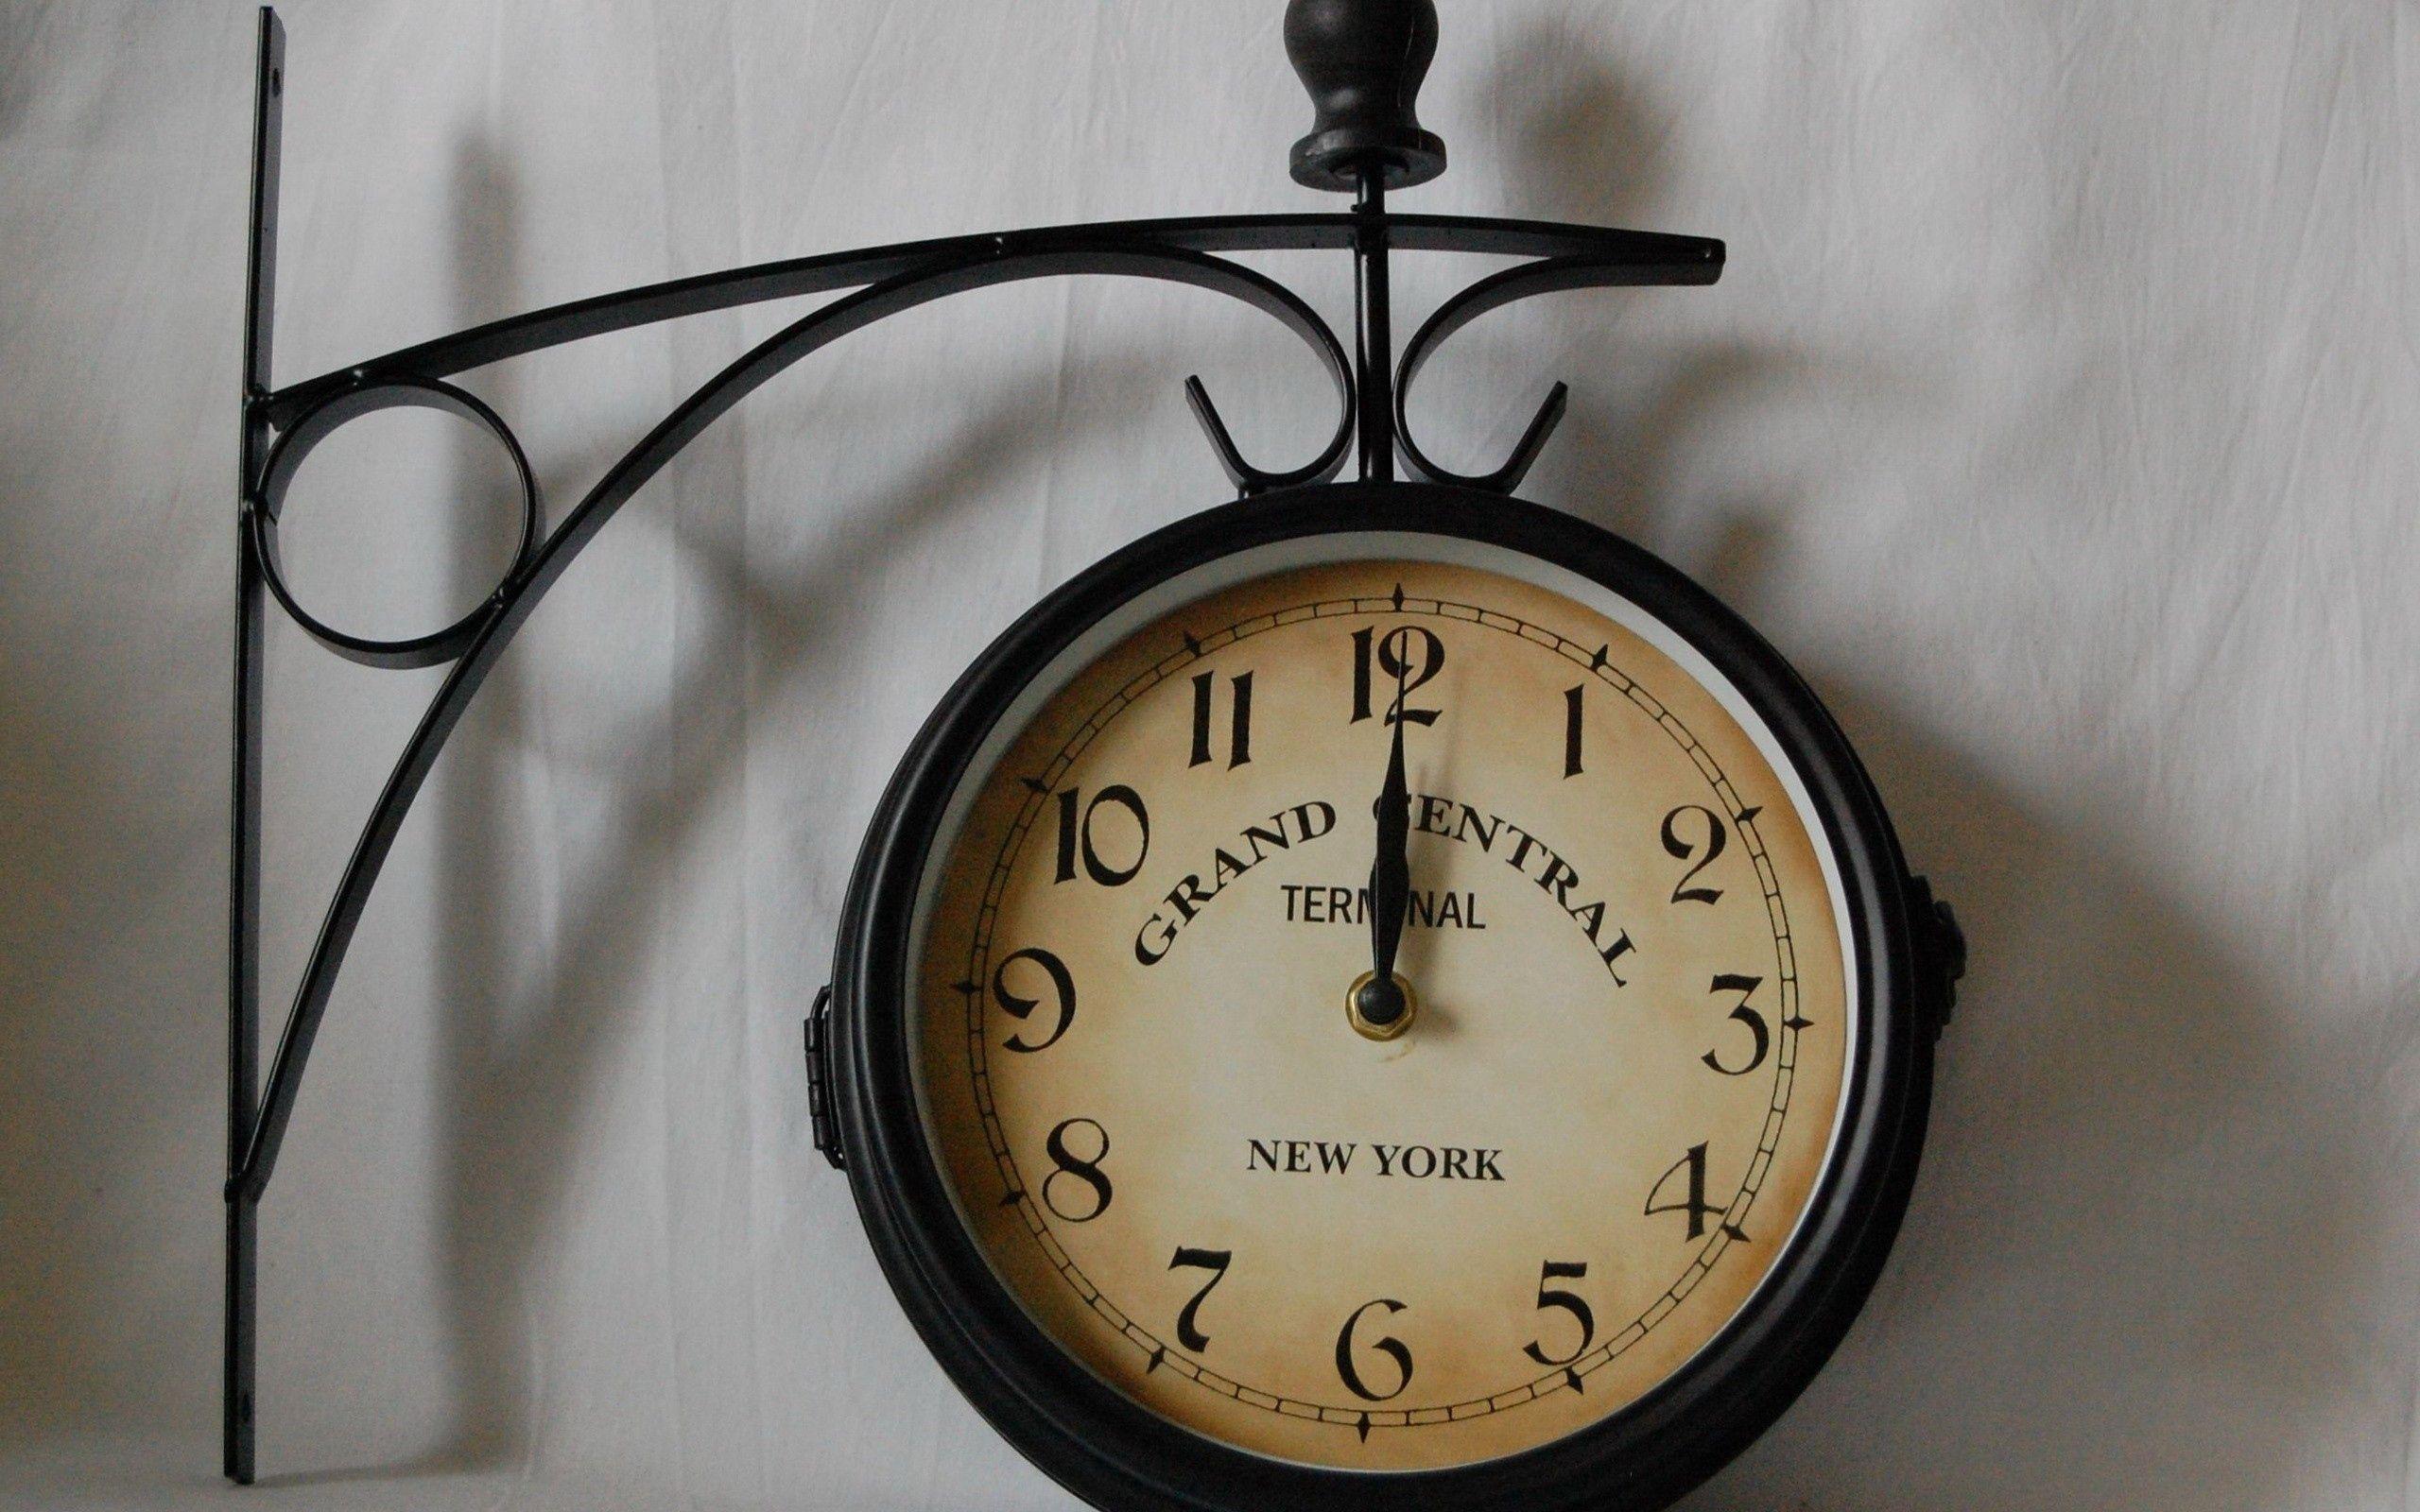 76106壁紙のダウンロードその他, 雑, 時計の文字盤, ダイヤル, 数字, 番号, 綺麗な, 美しい, 時計-スクリーンセーバーと写真を無料で